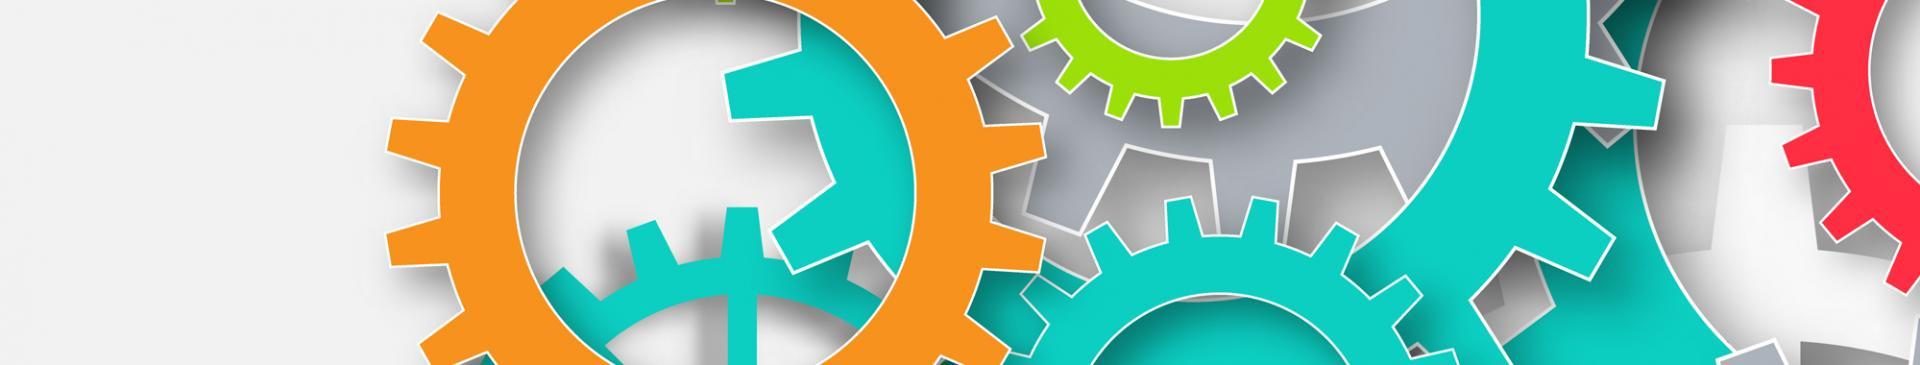 Technische informatie omtrent scanning, beeldverwerking, DTP en proofing